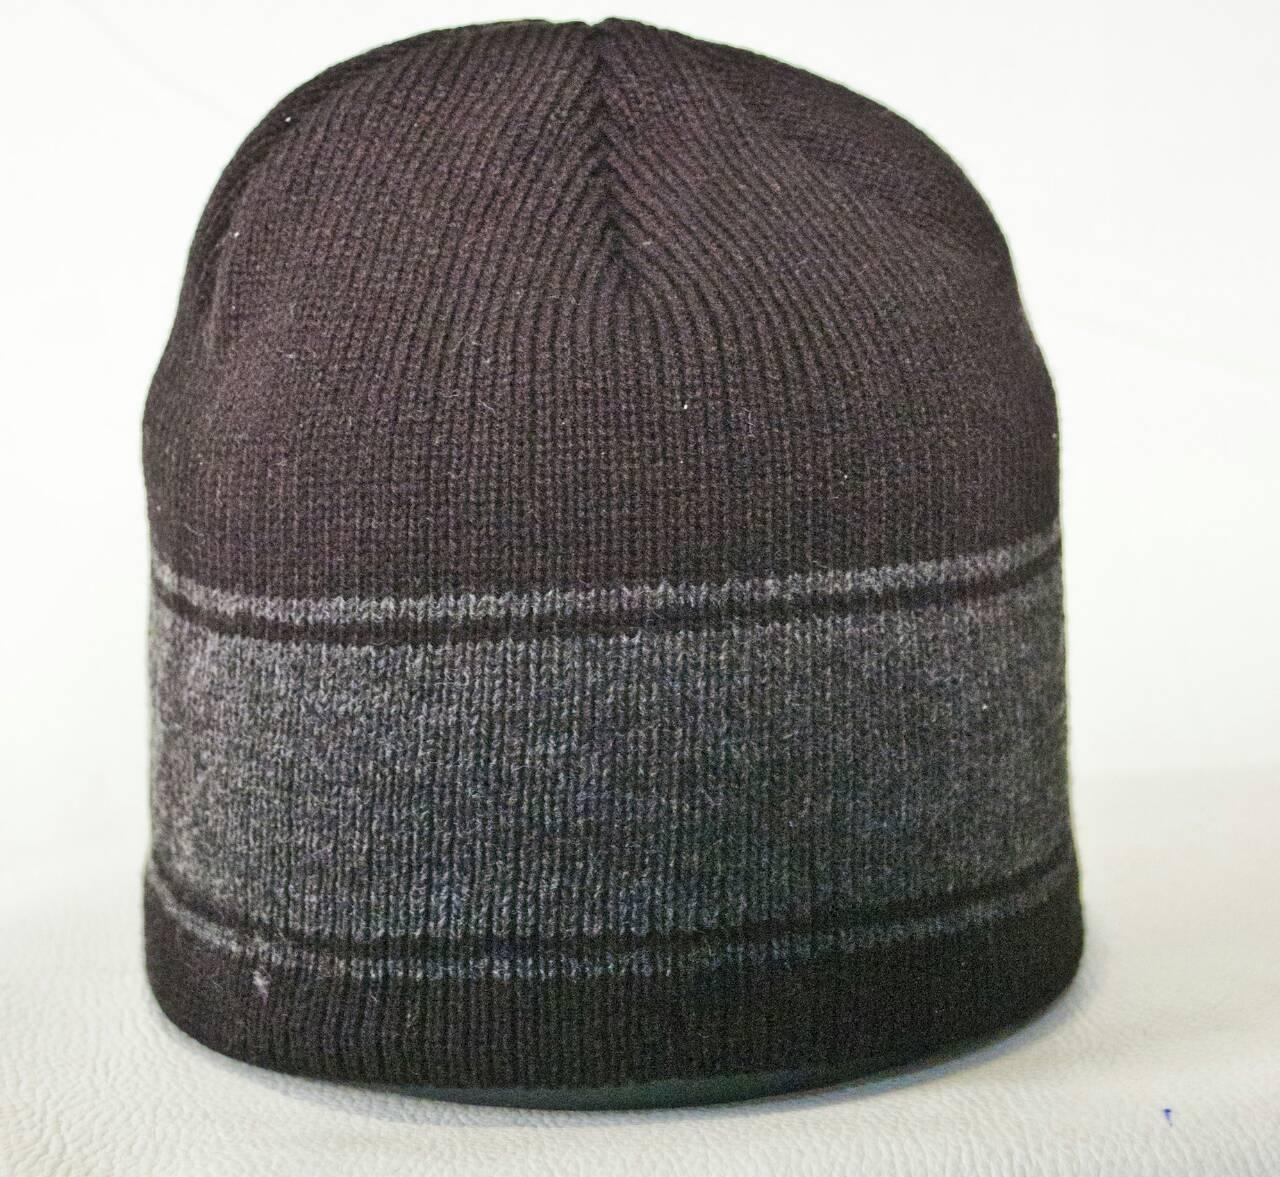 купить мужская вязаная шапка на флисе W15 осень зима оптом со склада